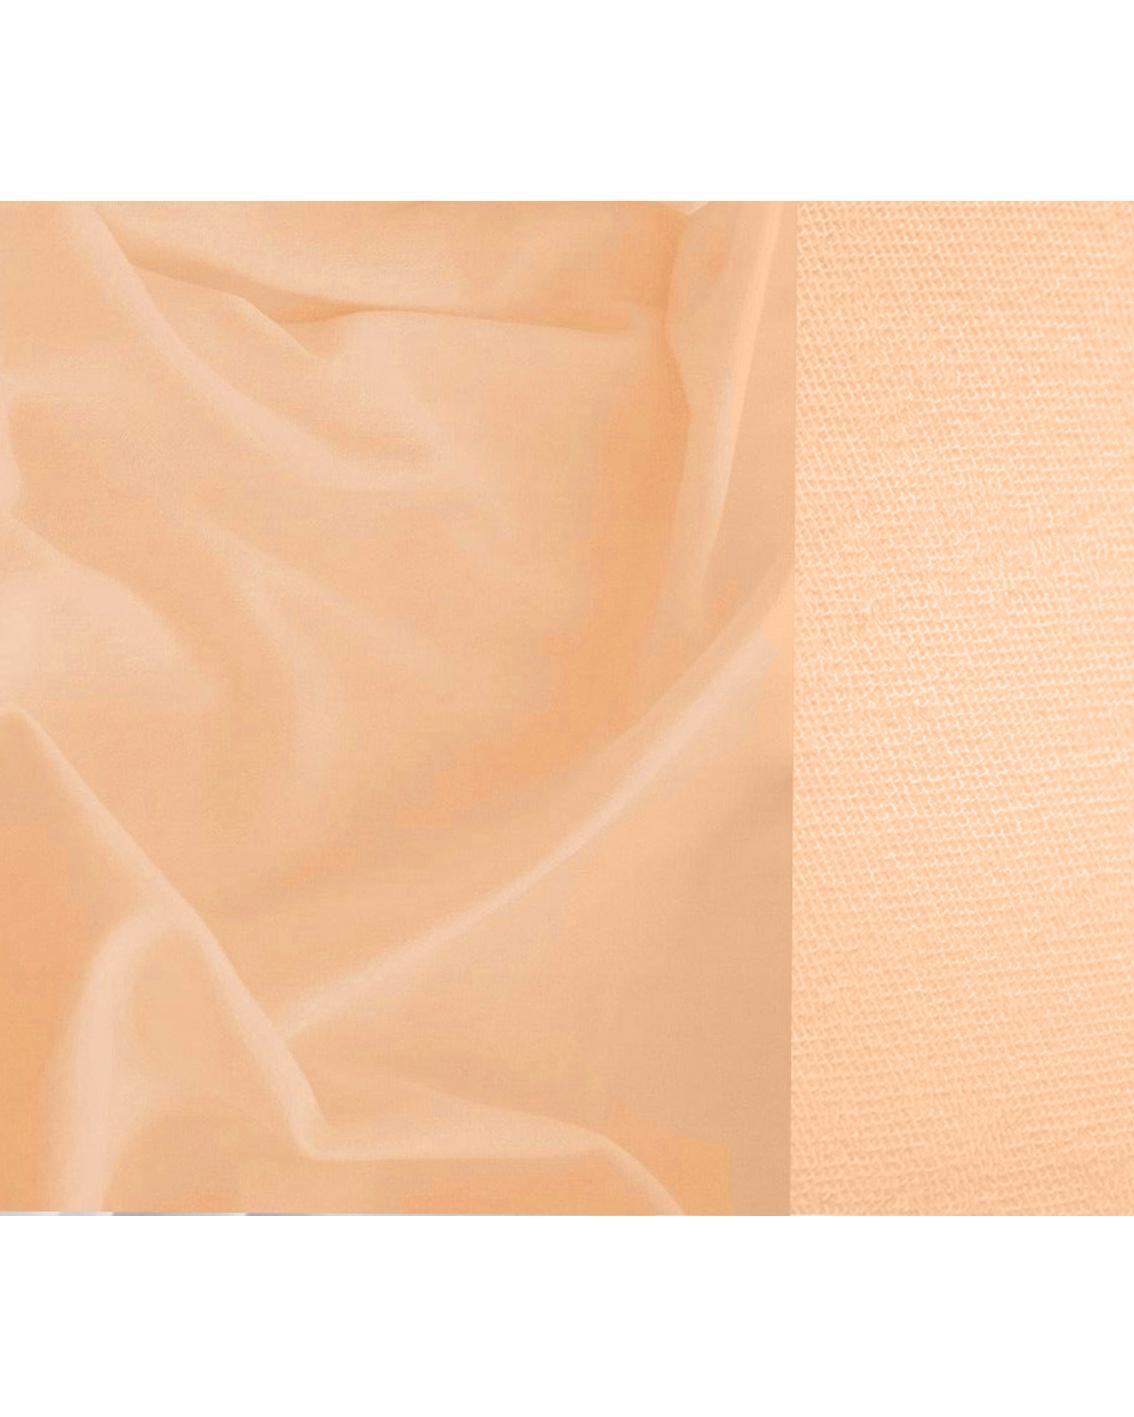 Bawełna pętelkowa typu dresówka. Kolor łososiowy. Gramatura 240g.